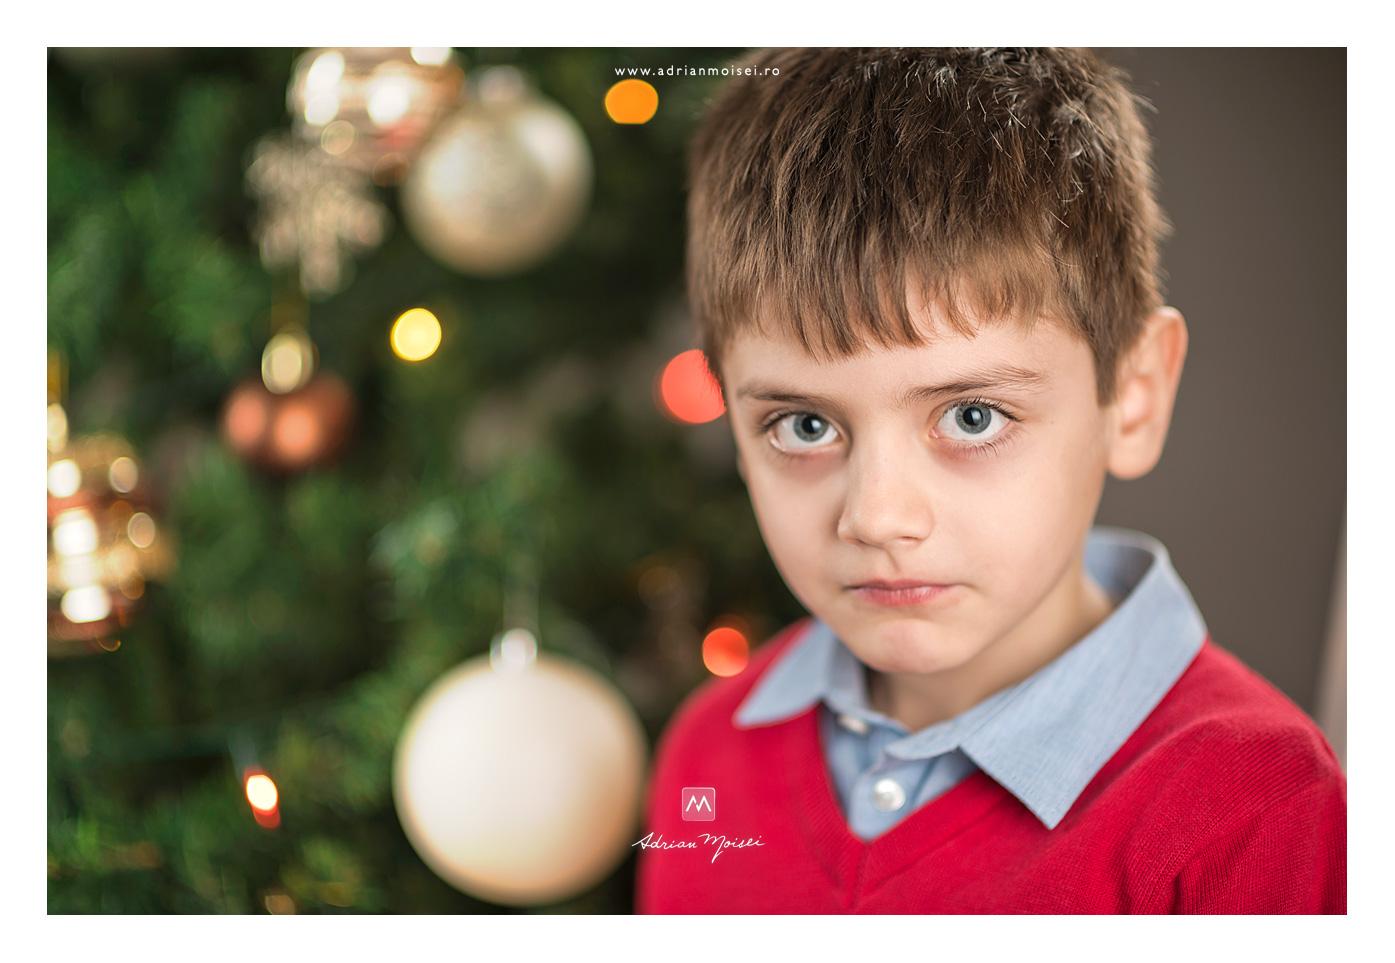 Portret de baietel - Bradutul de Crăciun, fotografie de familie, Adrian Moisei fotograf Iași, fotograf de familie Iași